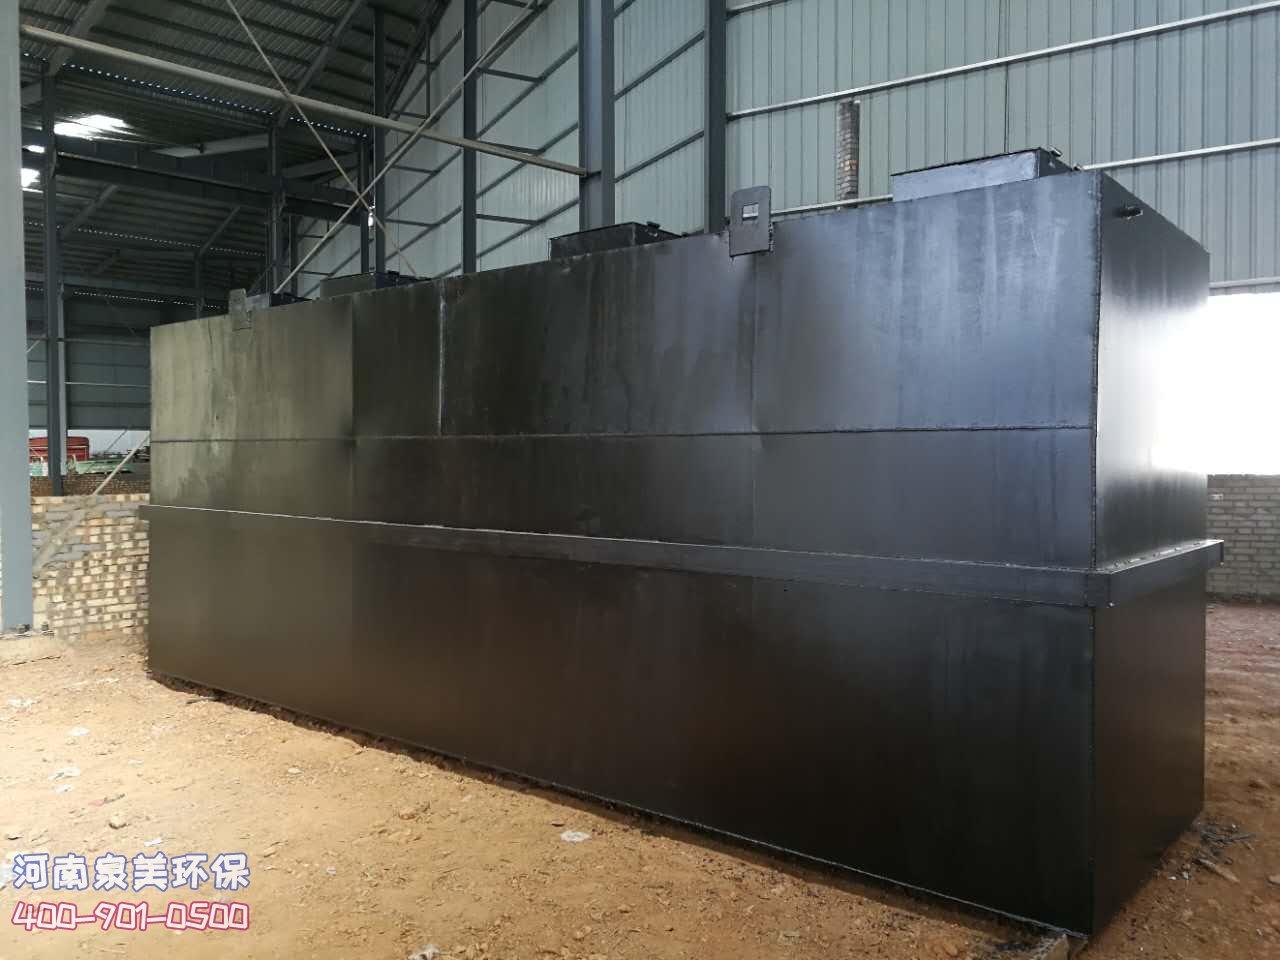 污水处理成套设备可以用来处理农村污水